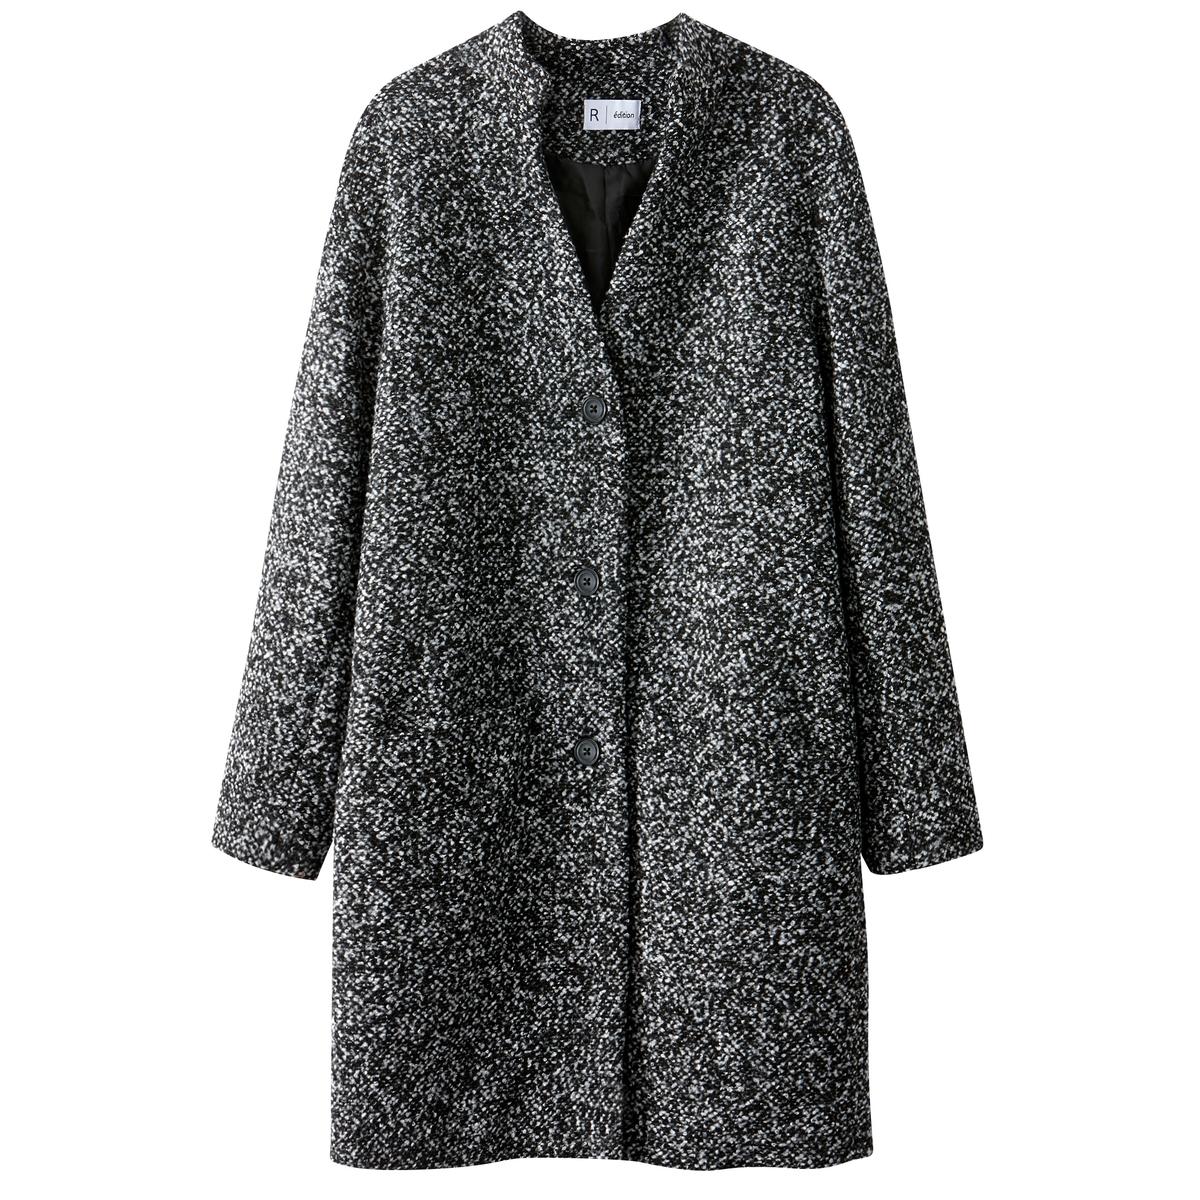 Пальто из меланжевой ткани, 50% шерсти. пальто из ткани меланж с зигзагообразным узором